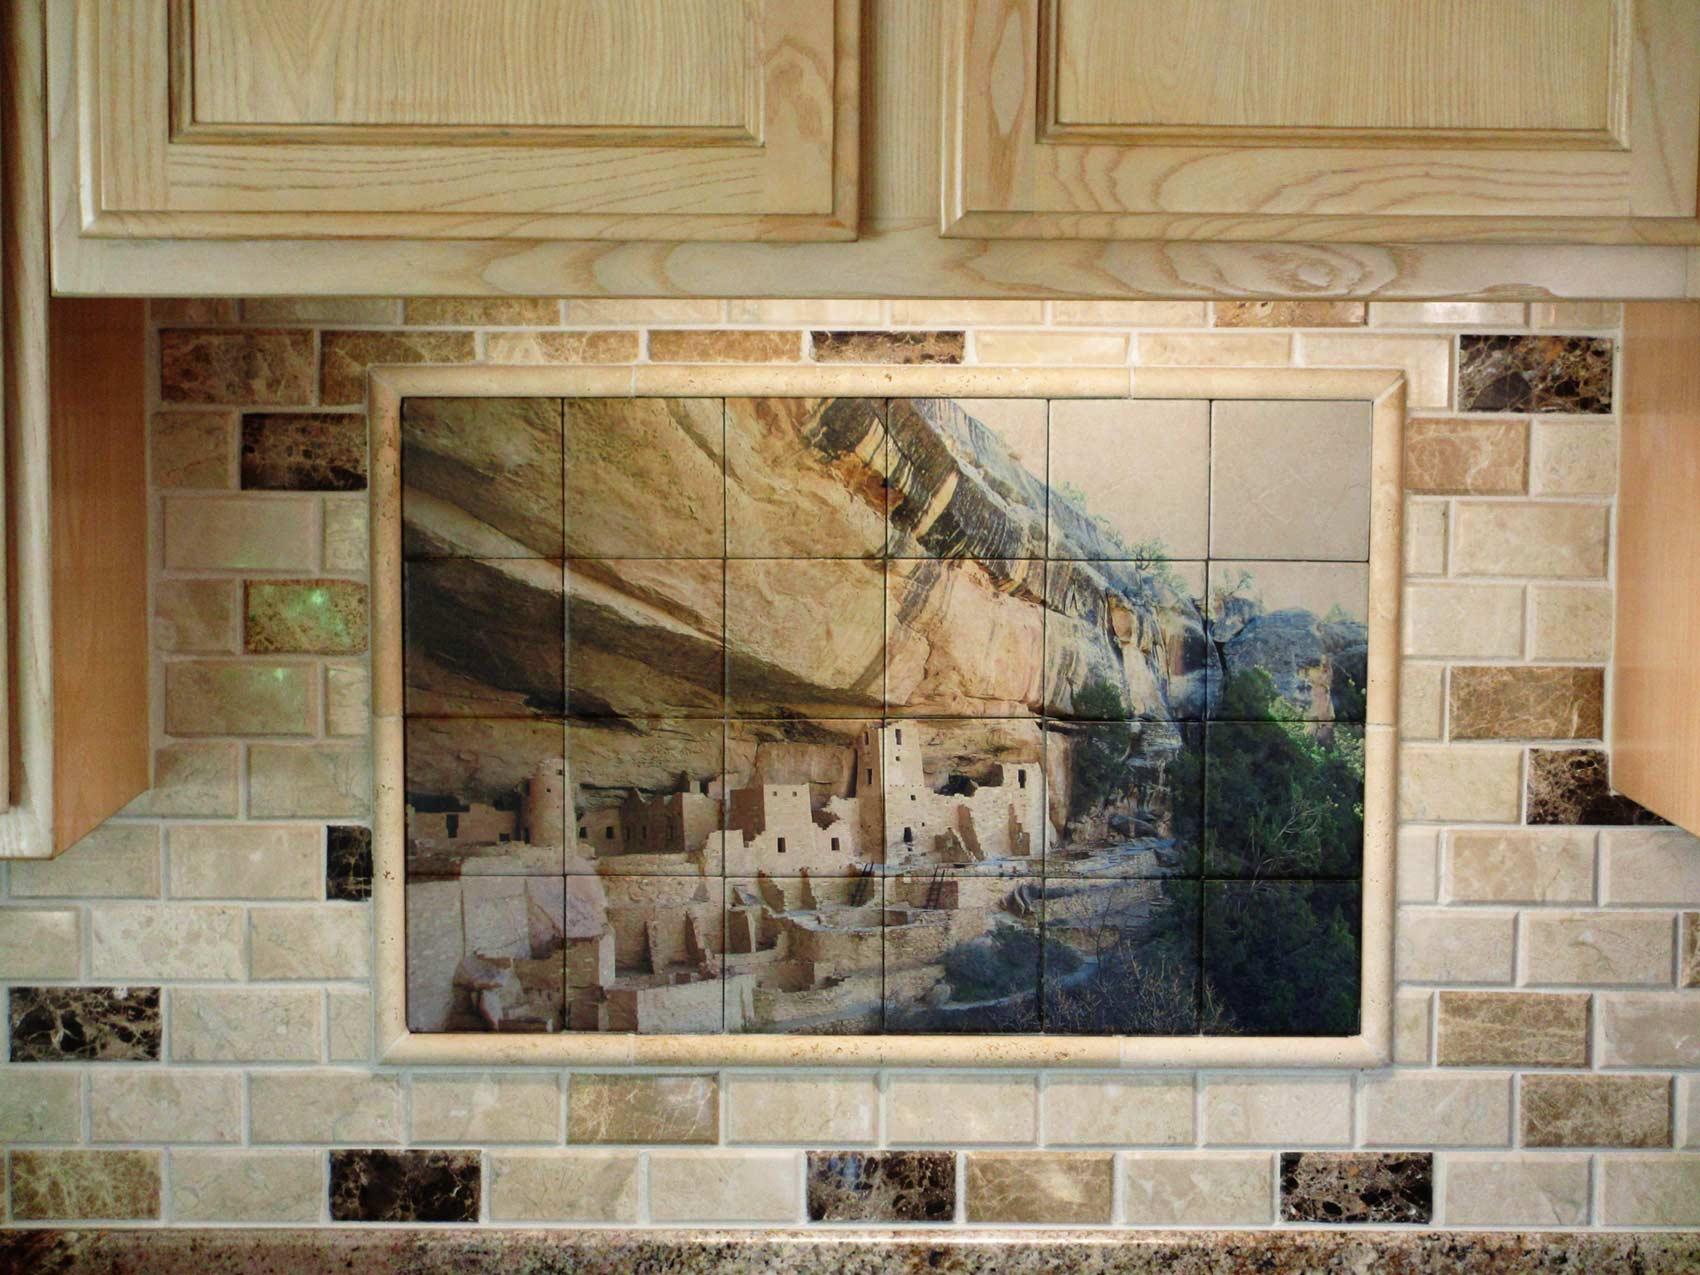 Mesa Verde Kitchen Backsplash Tile Mural